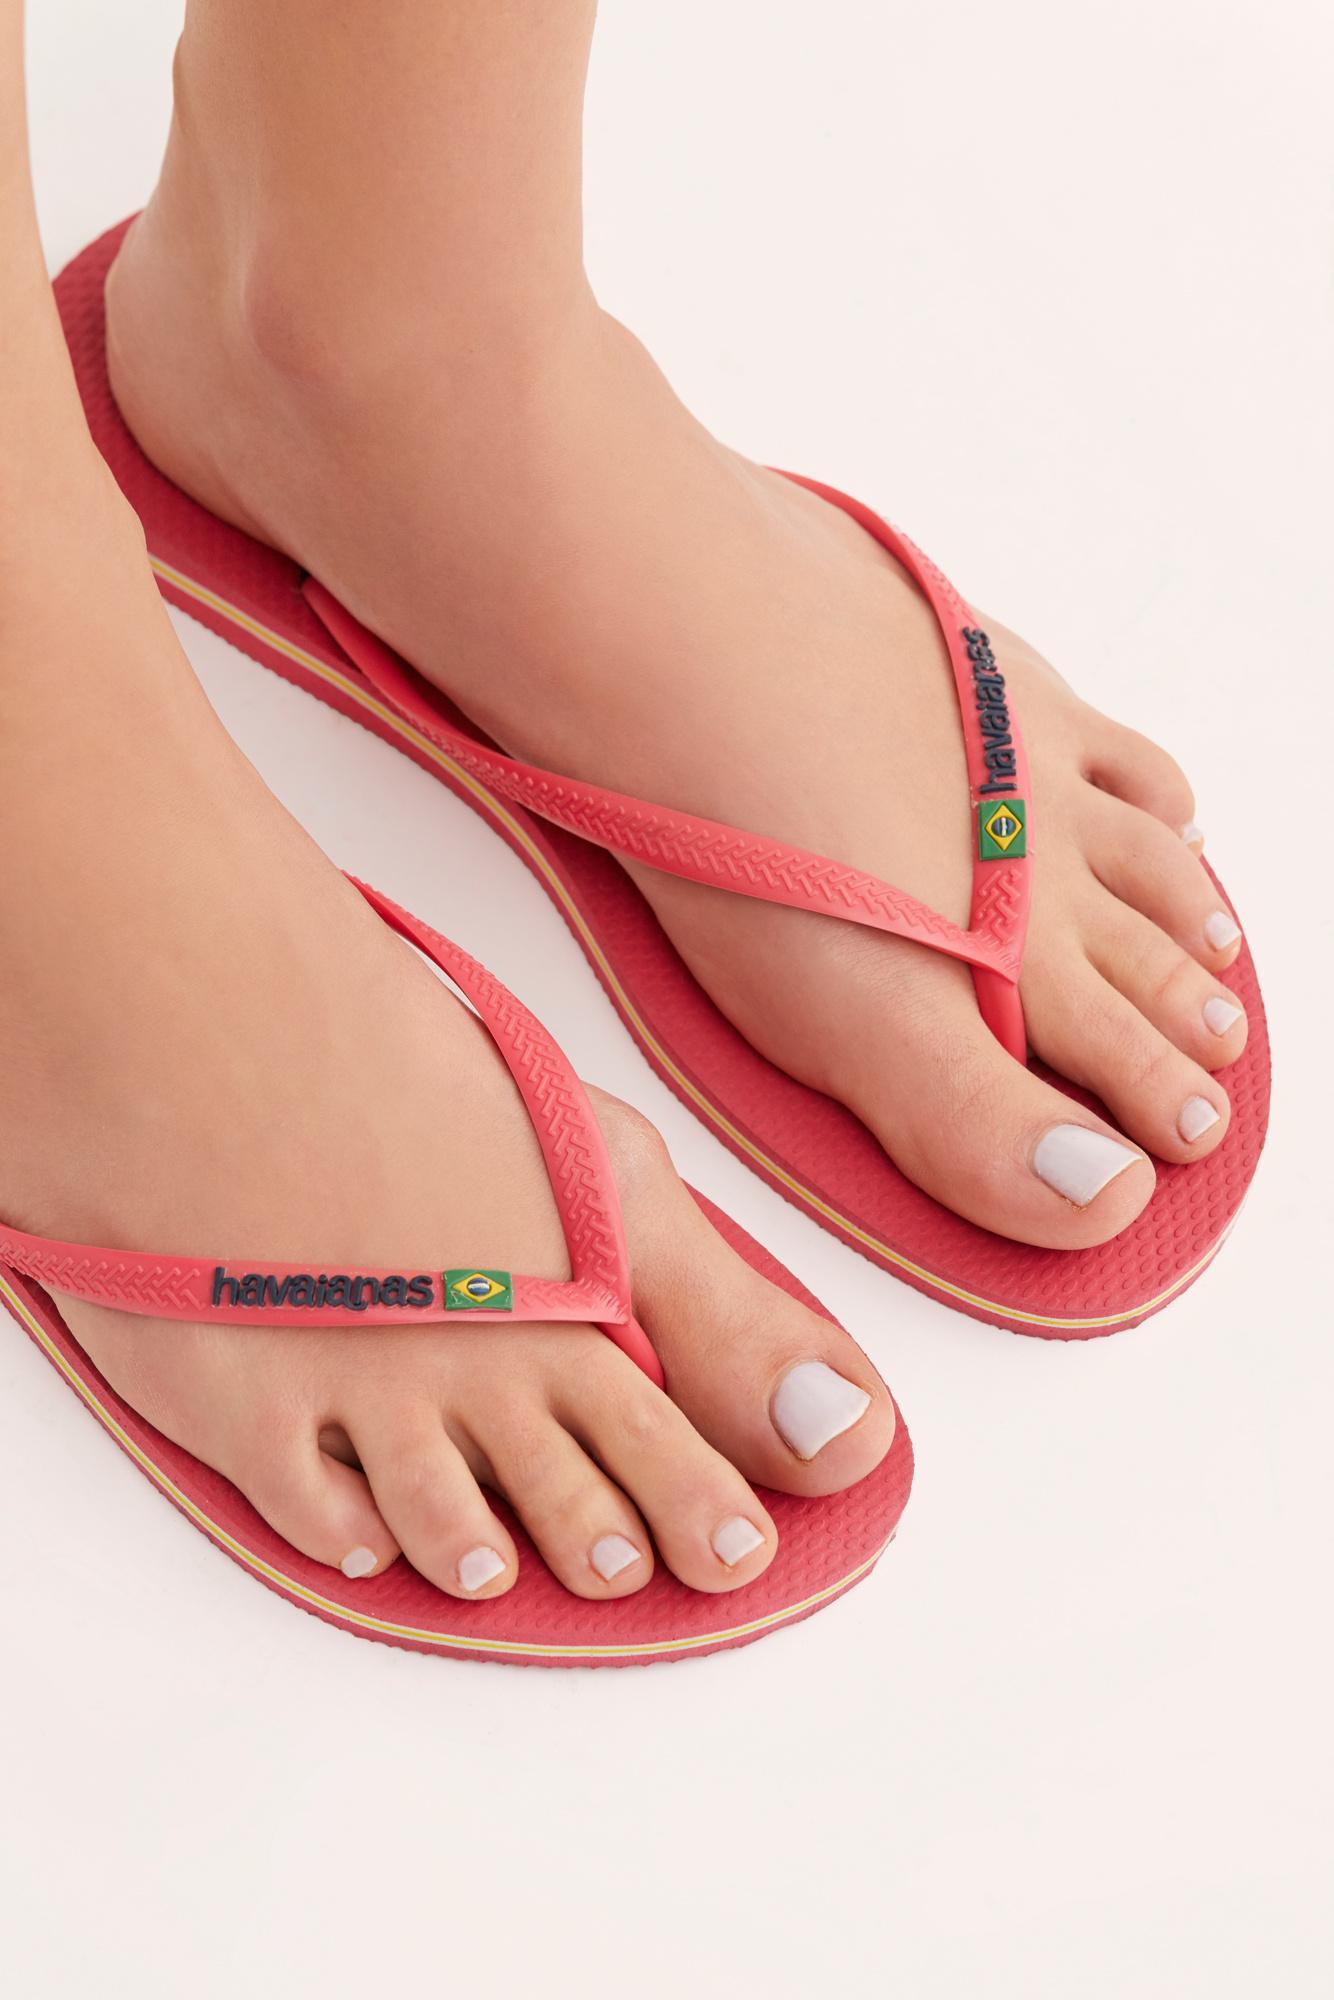 f5c94046381f8 Free People. Women s Havaianas Slim Brazil Flip Flop Sandal